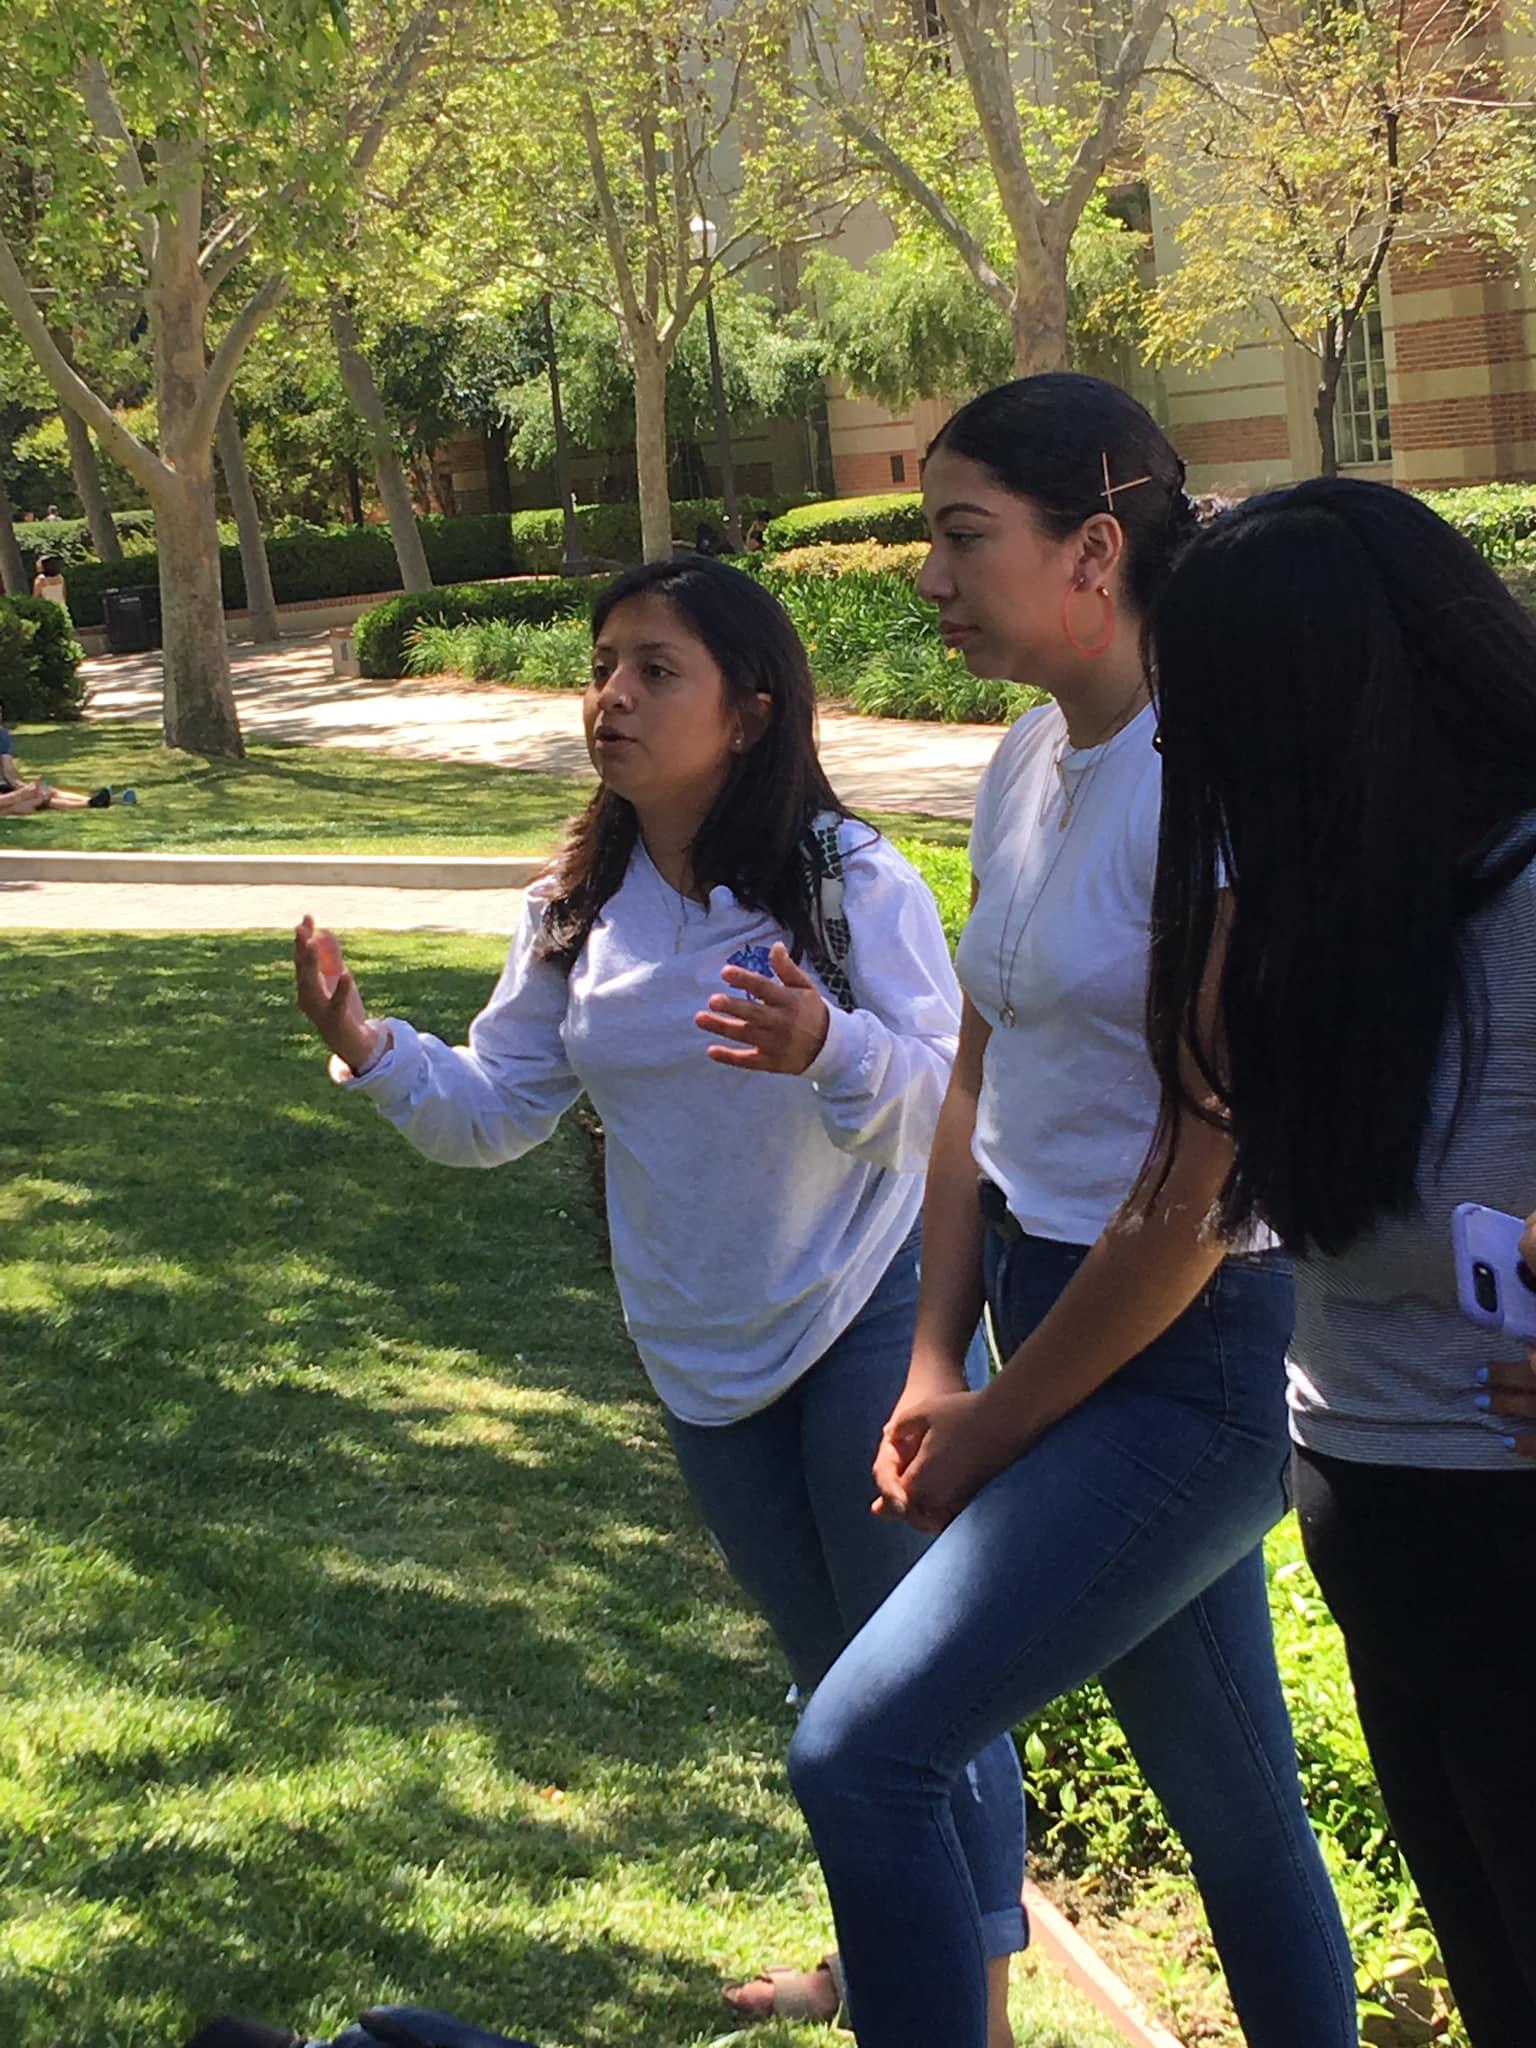 UCLA_Campus_Visit_22